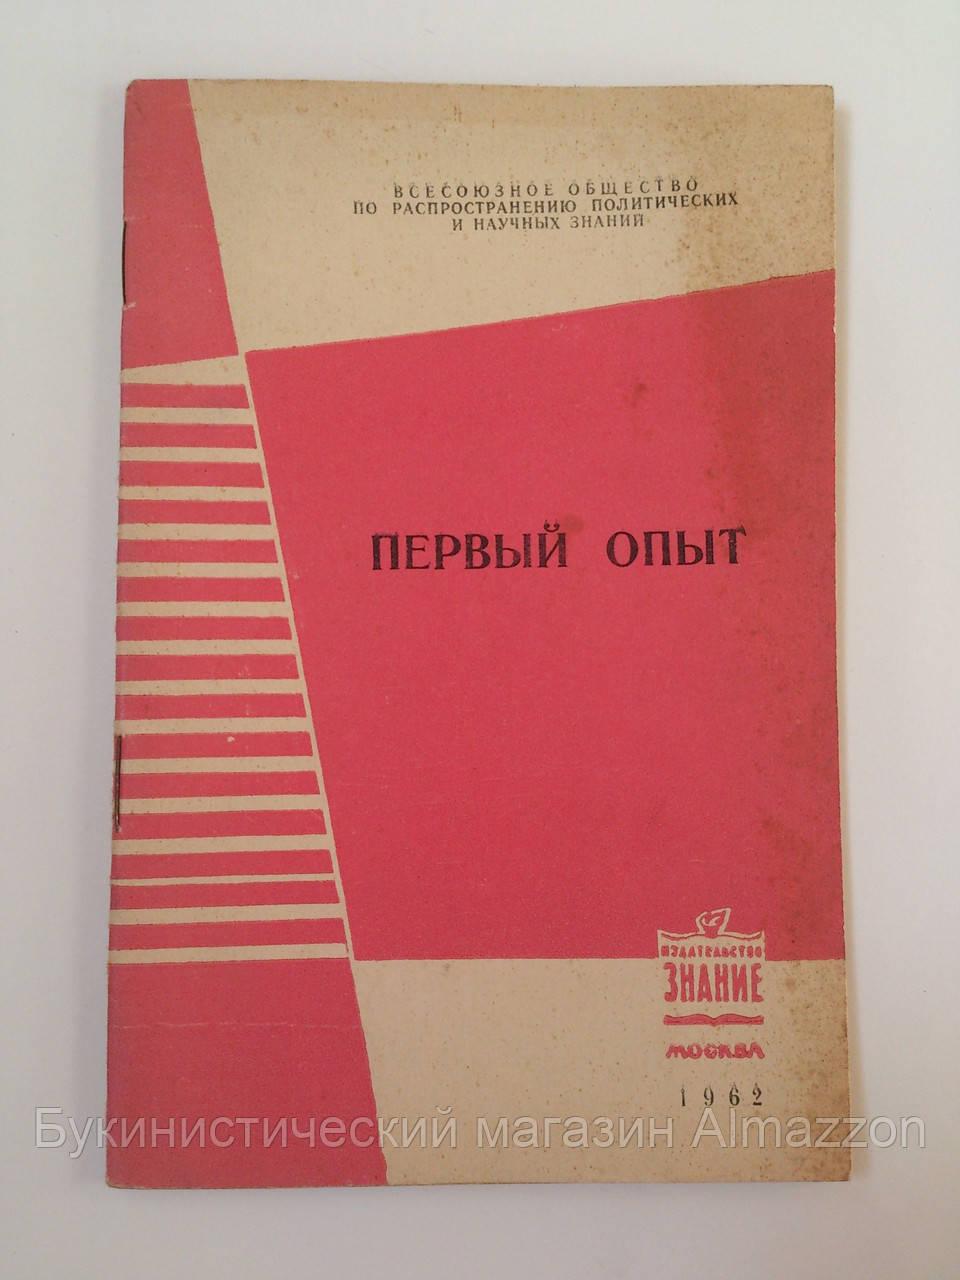 Первый опыт (пропаганда). 1962 год